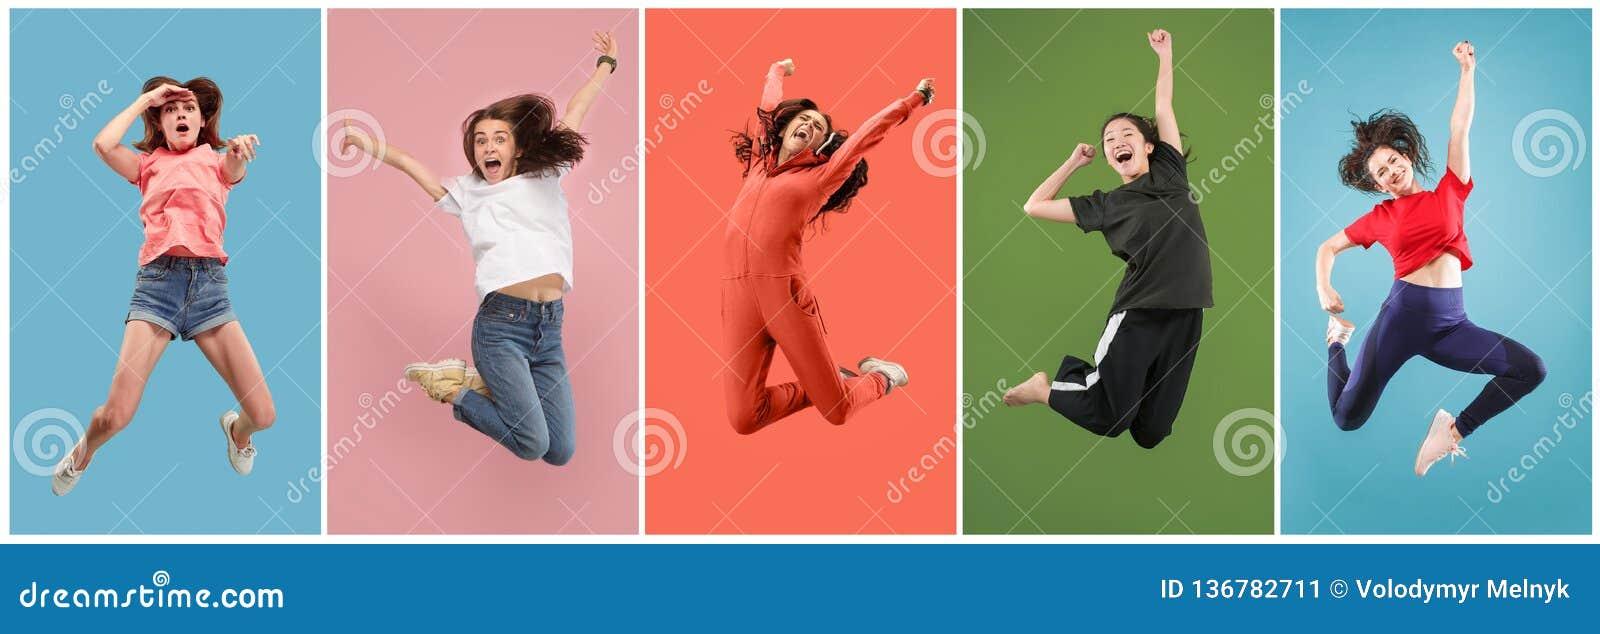 Liberdade em mover-se Jovem mulher bonita que salta contra o fundo alaranjado